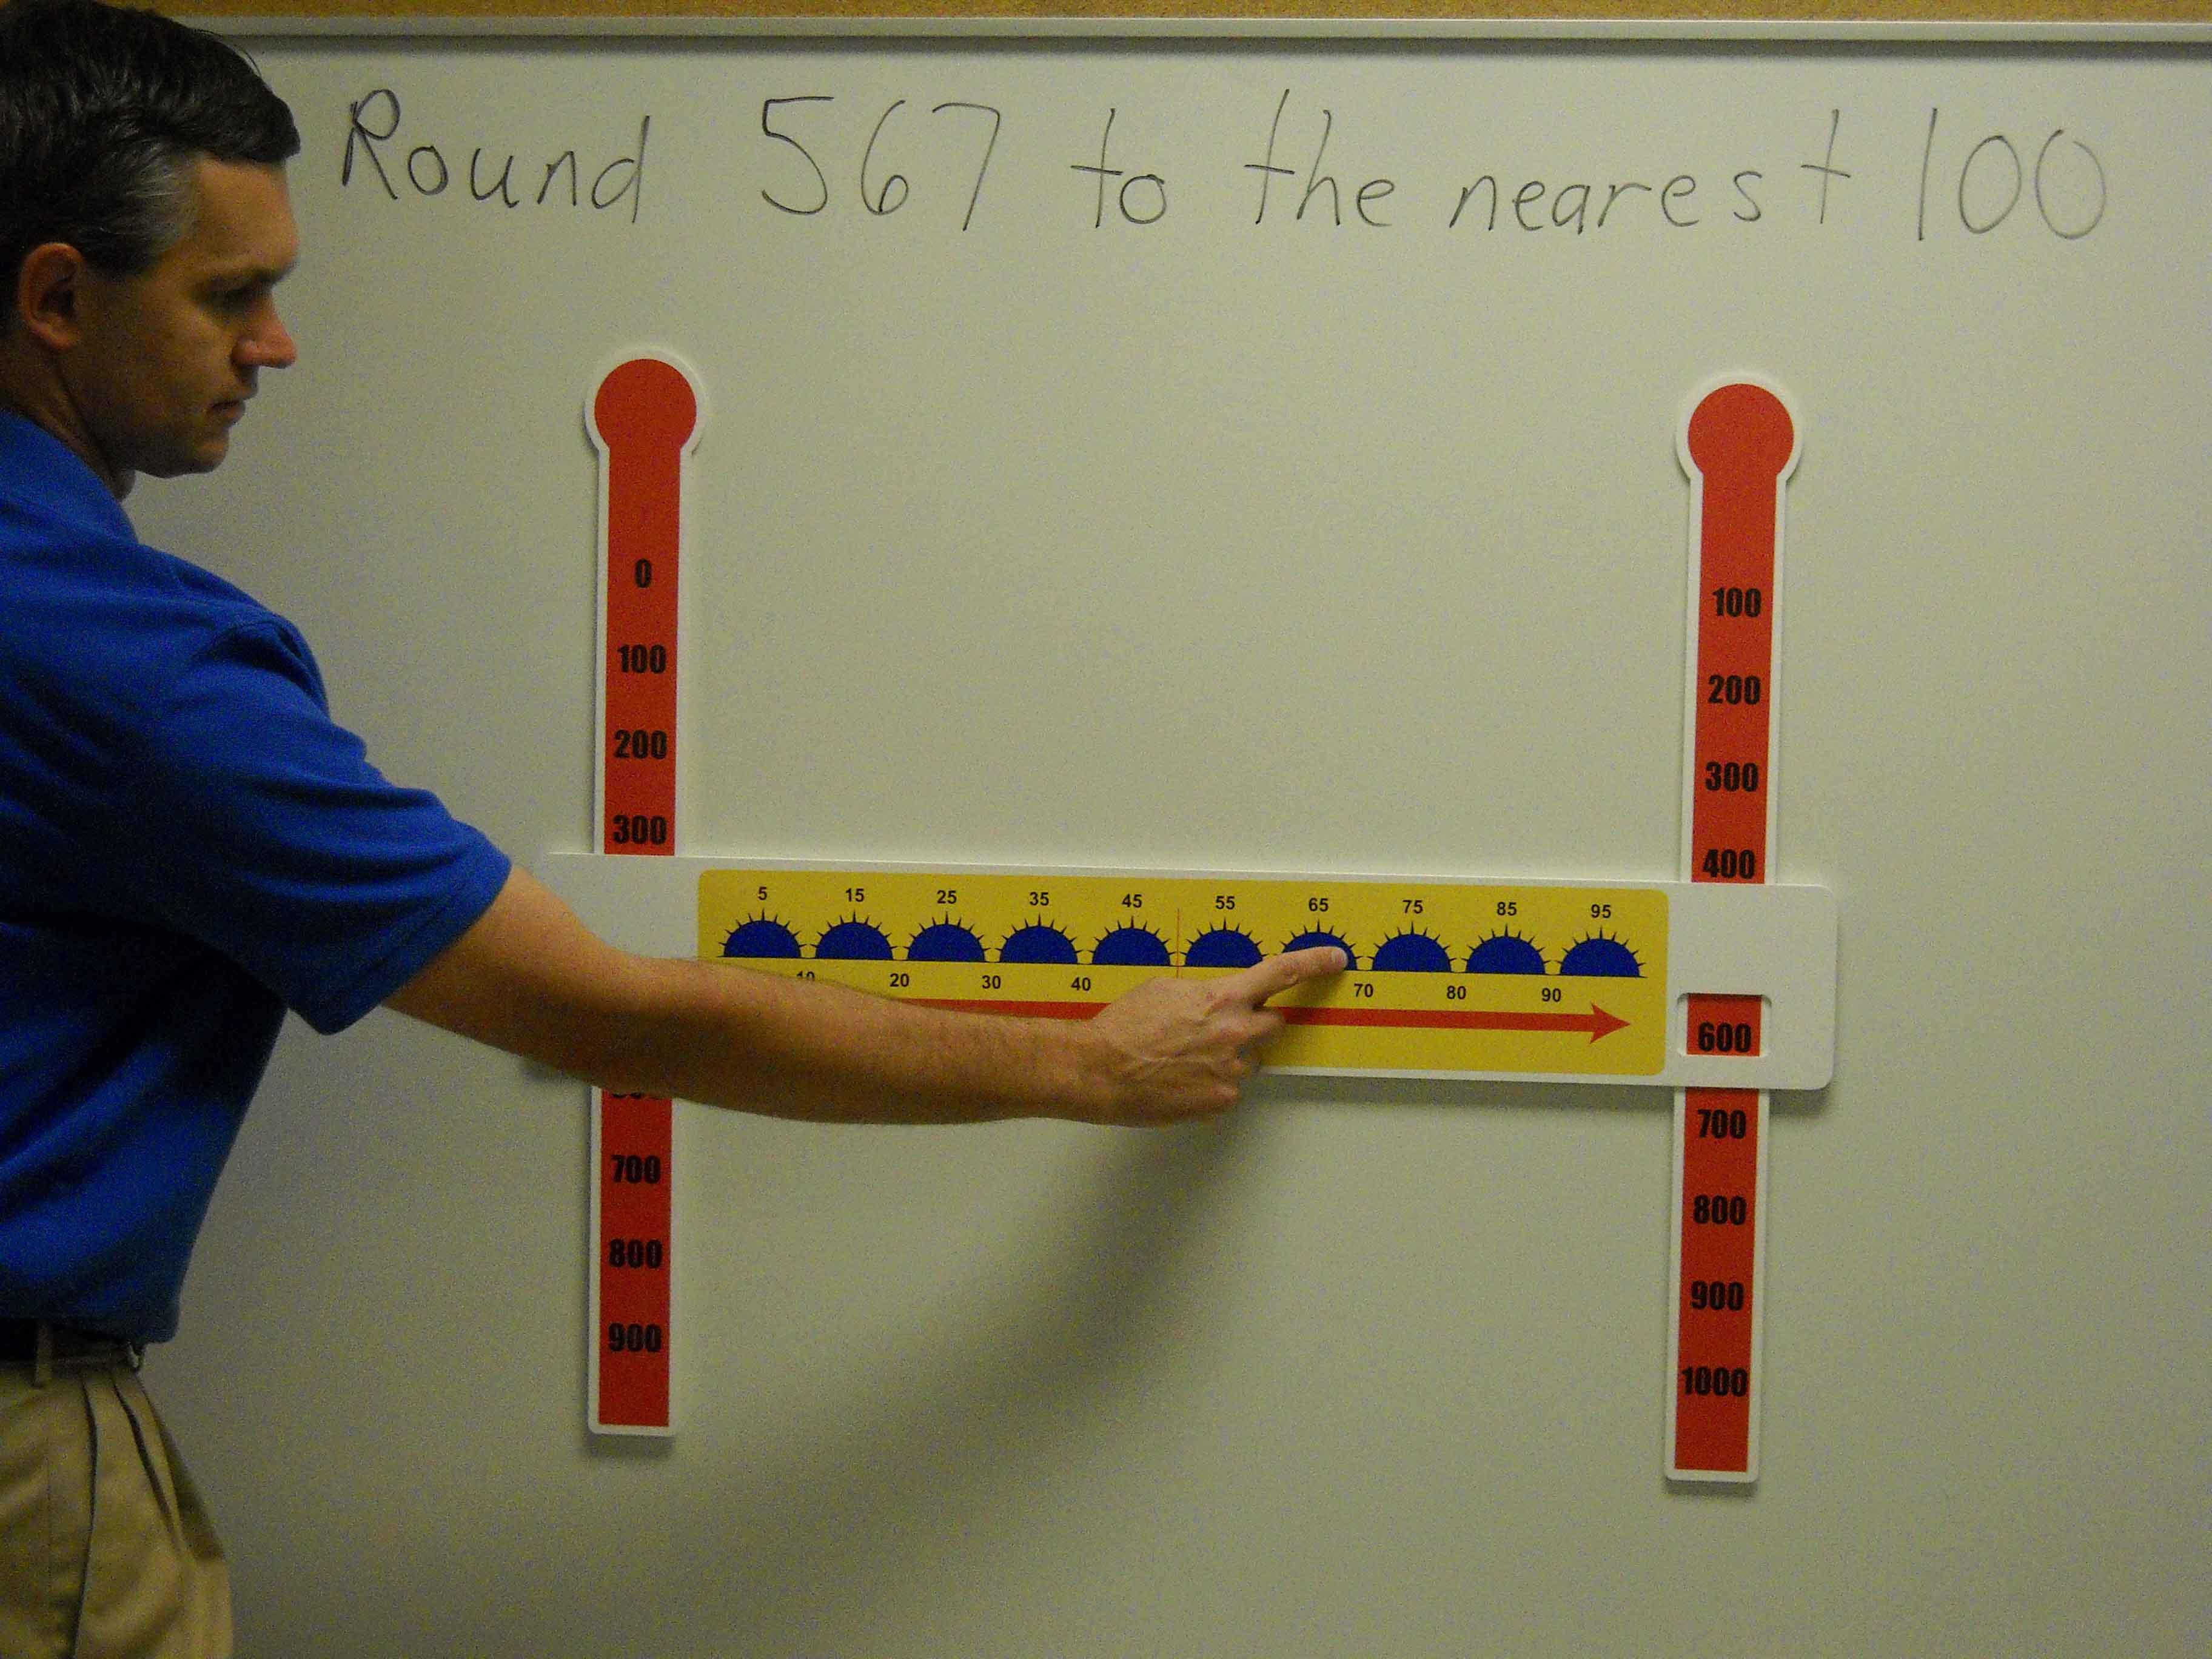 worksheet Math Aids Rounding slide a round math manipulatives approach teachers aid